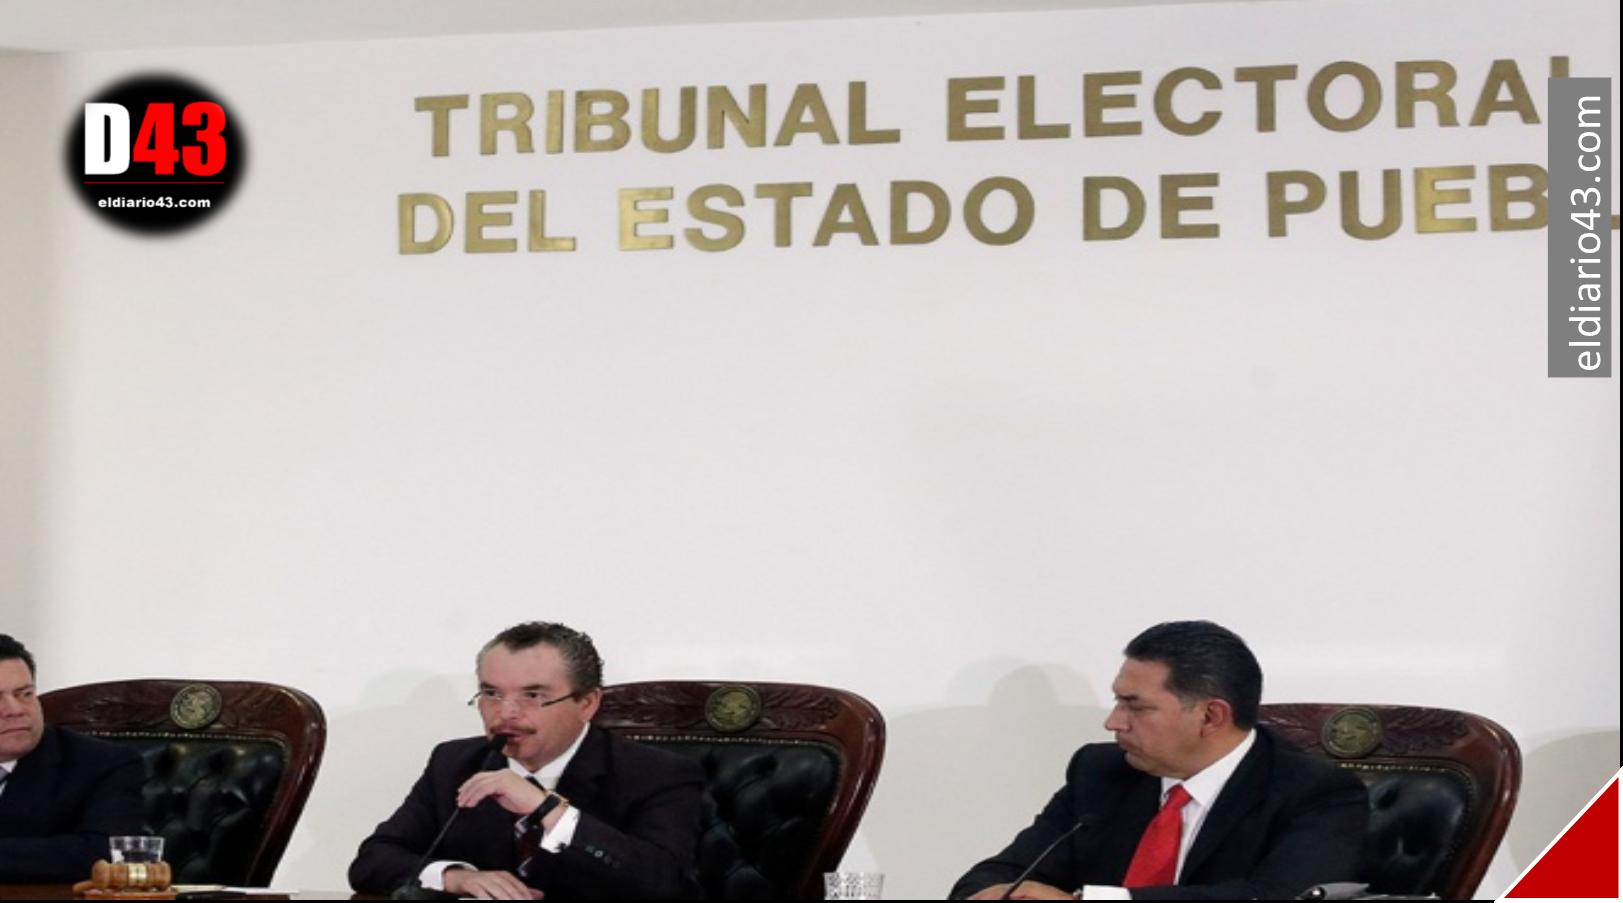 Impugnan magistrados decisión de INE de organizar elección de Puebla